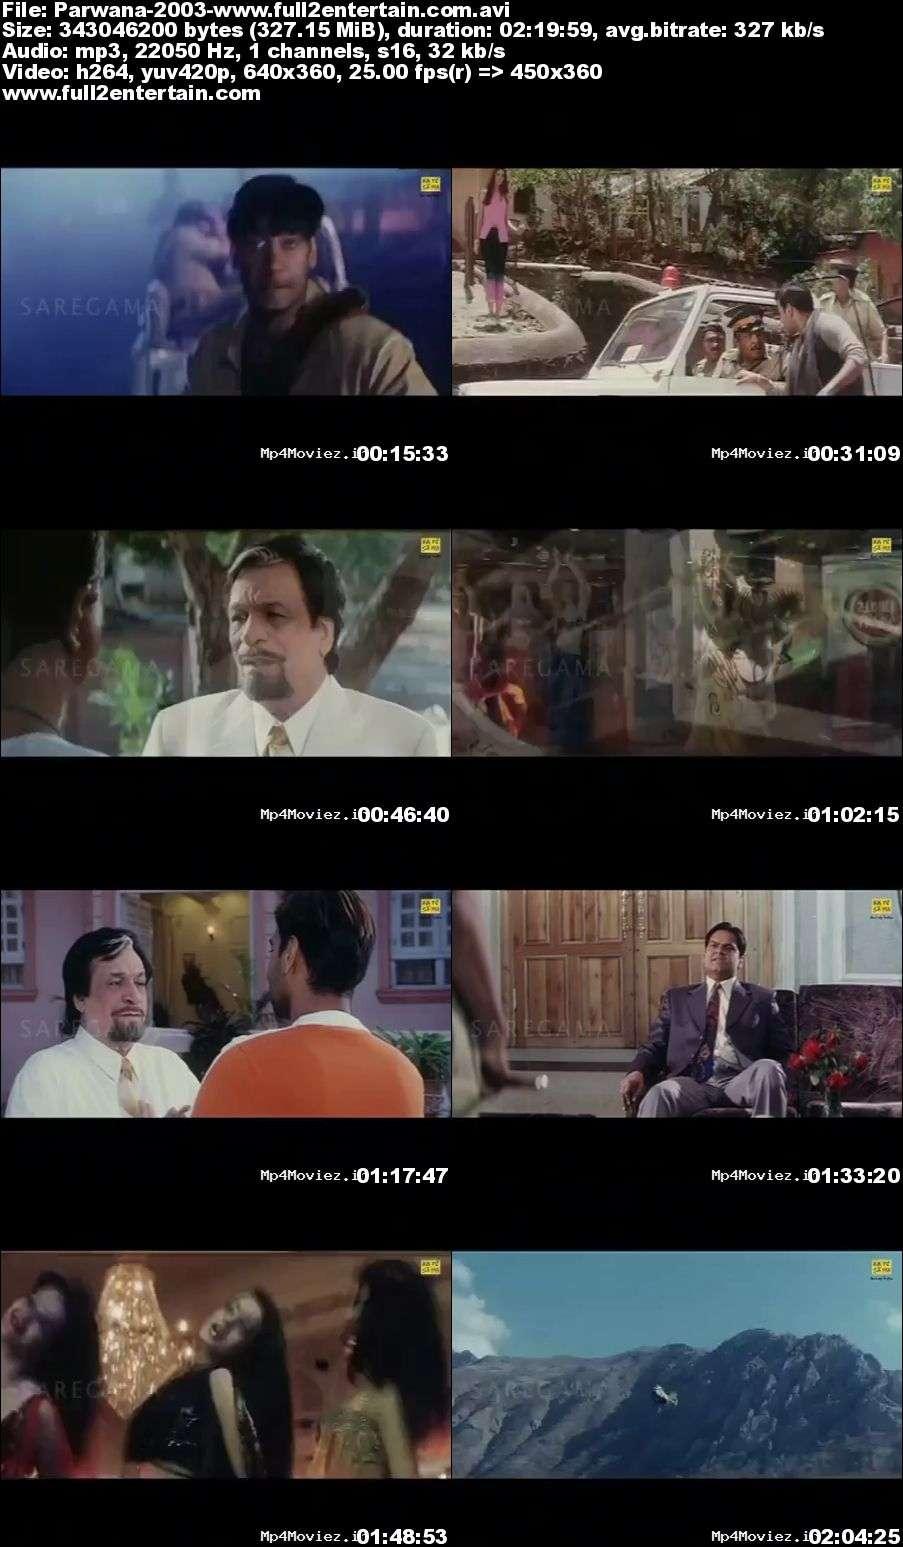 Parwana 2003 Full Movie Download Free in Bluray 720p